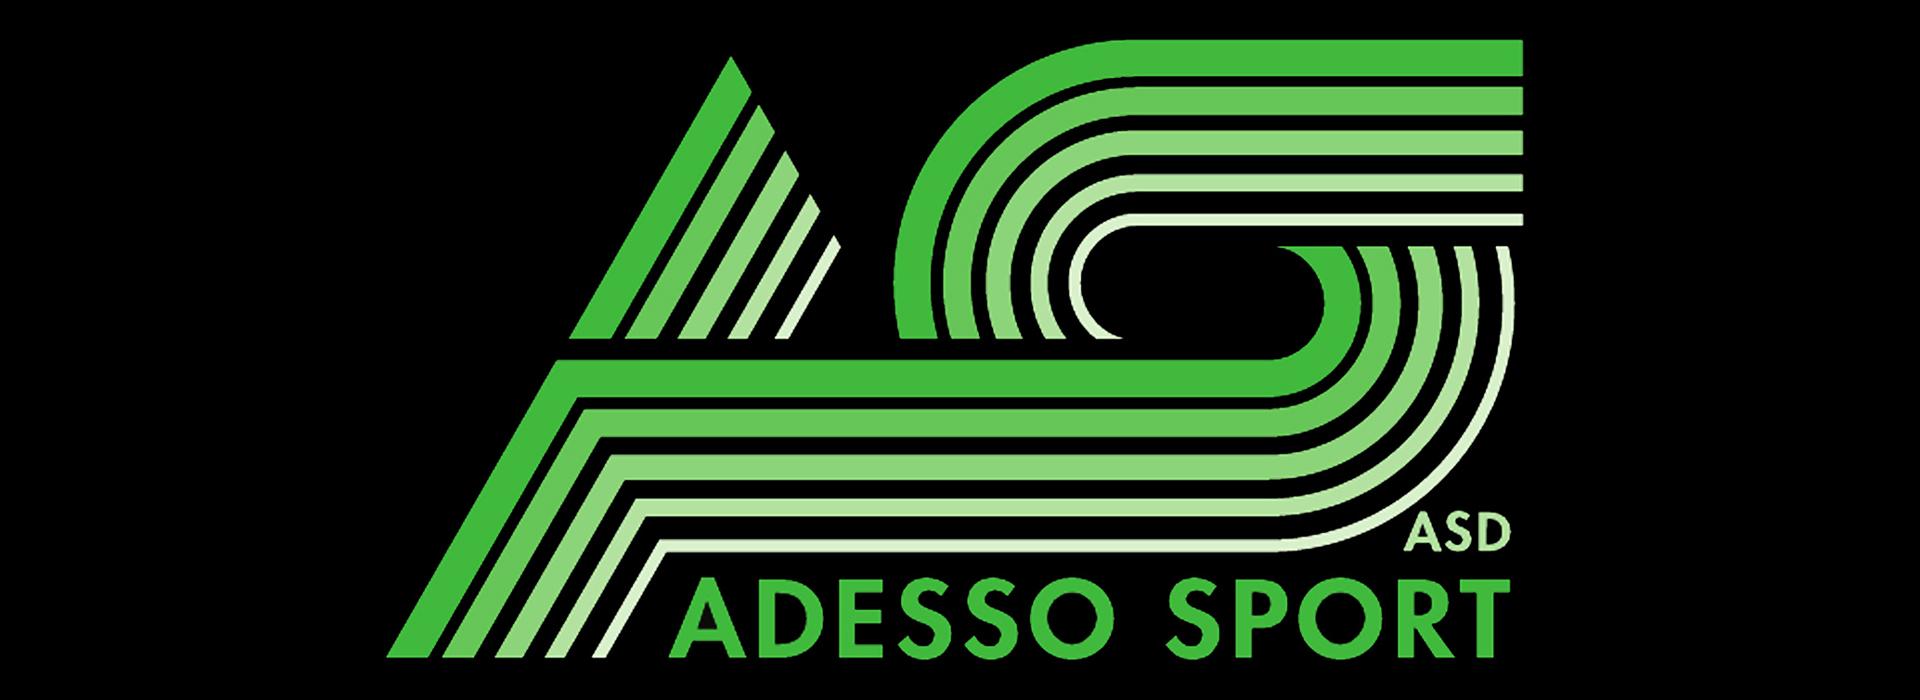 ADESSO SPORT